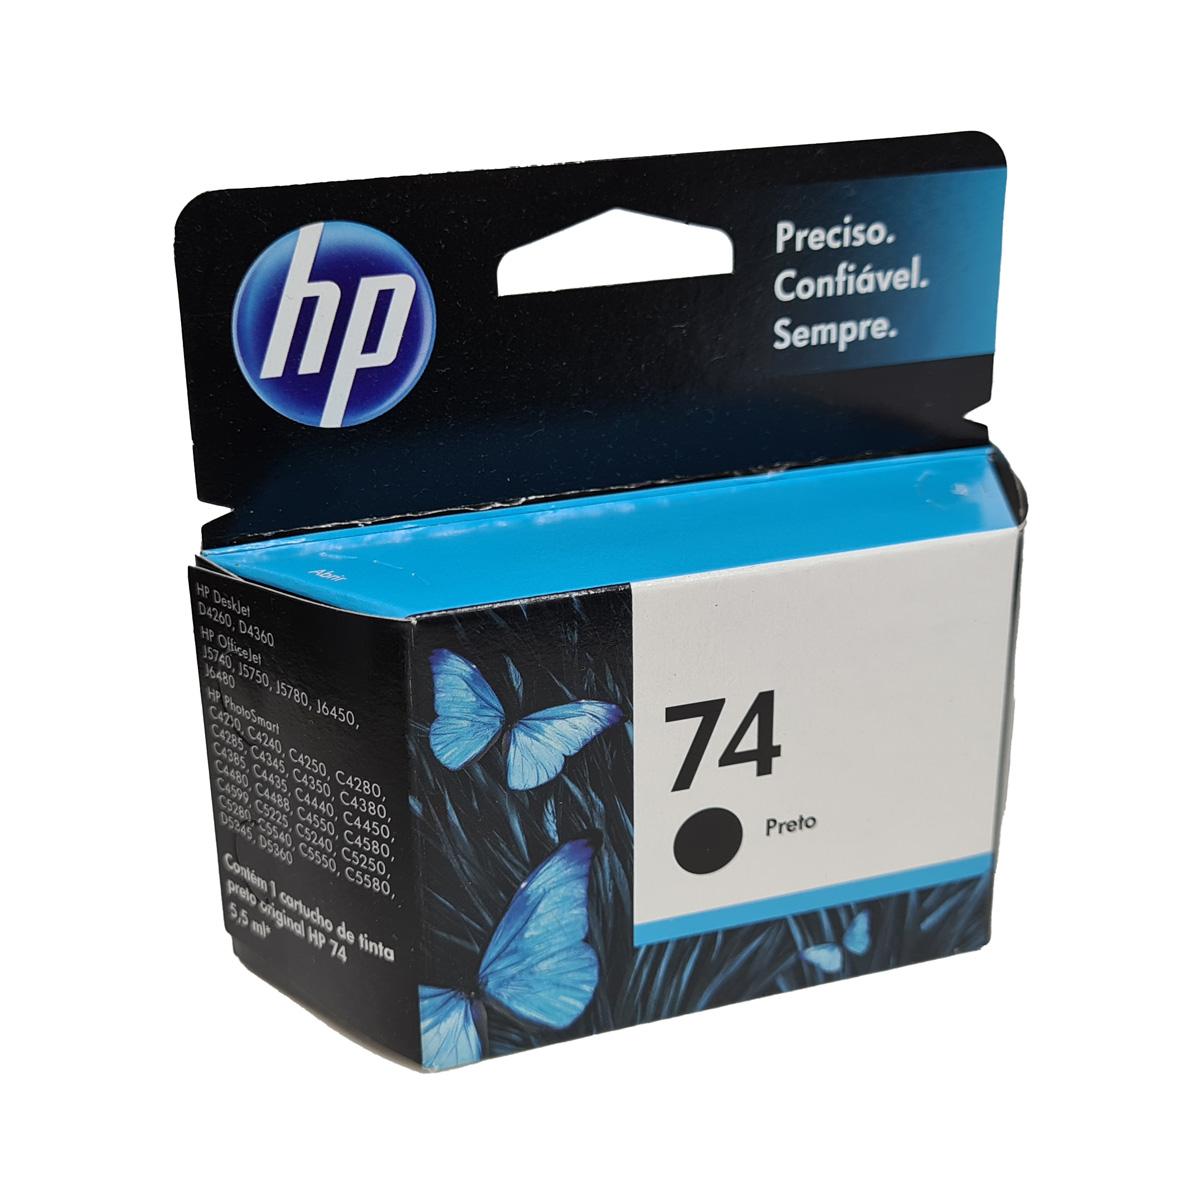 Cartucho HP 74 CB335WL Preto para D4260 C4280 D4360